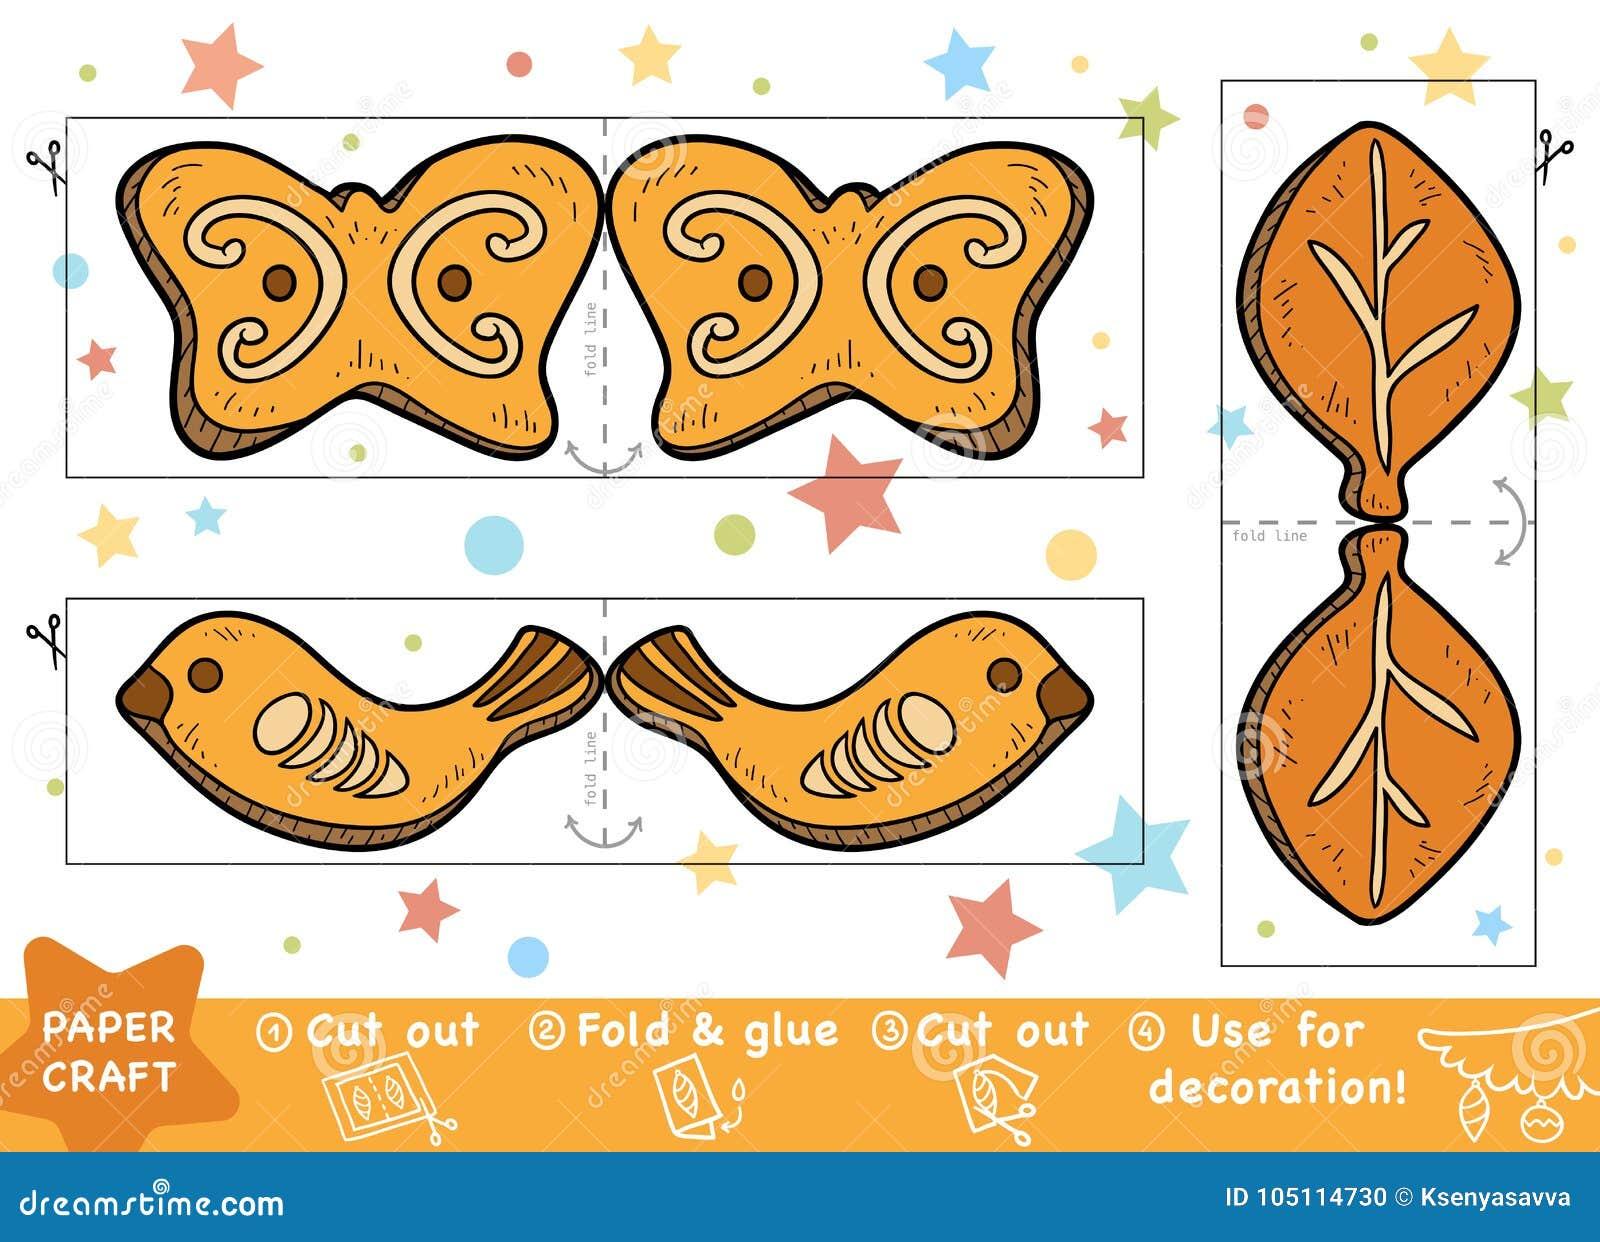 Ofícios de papel do Natal da educação para crianças, cookies do Natal